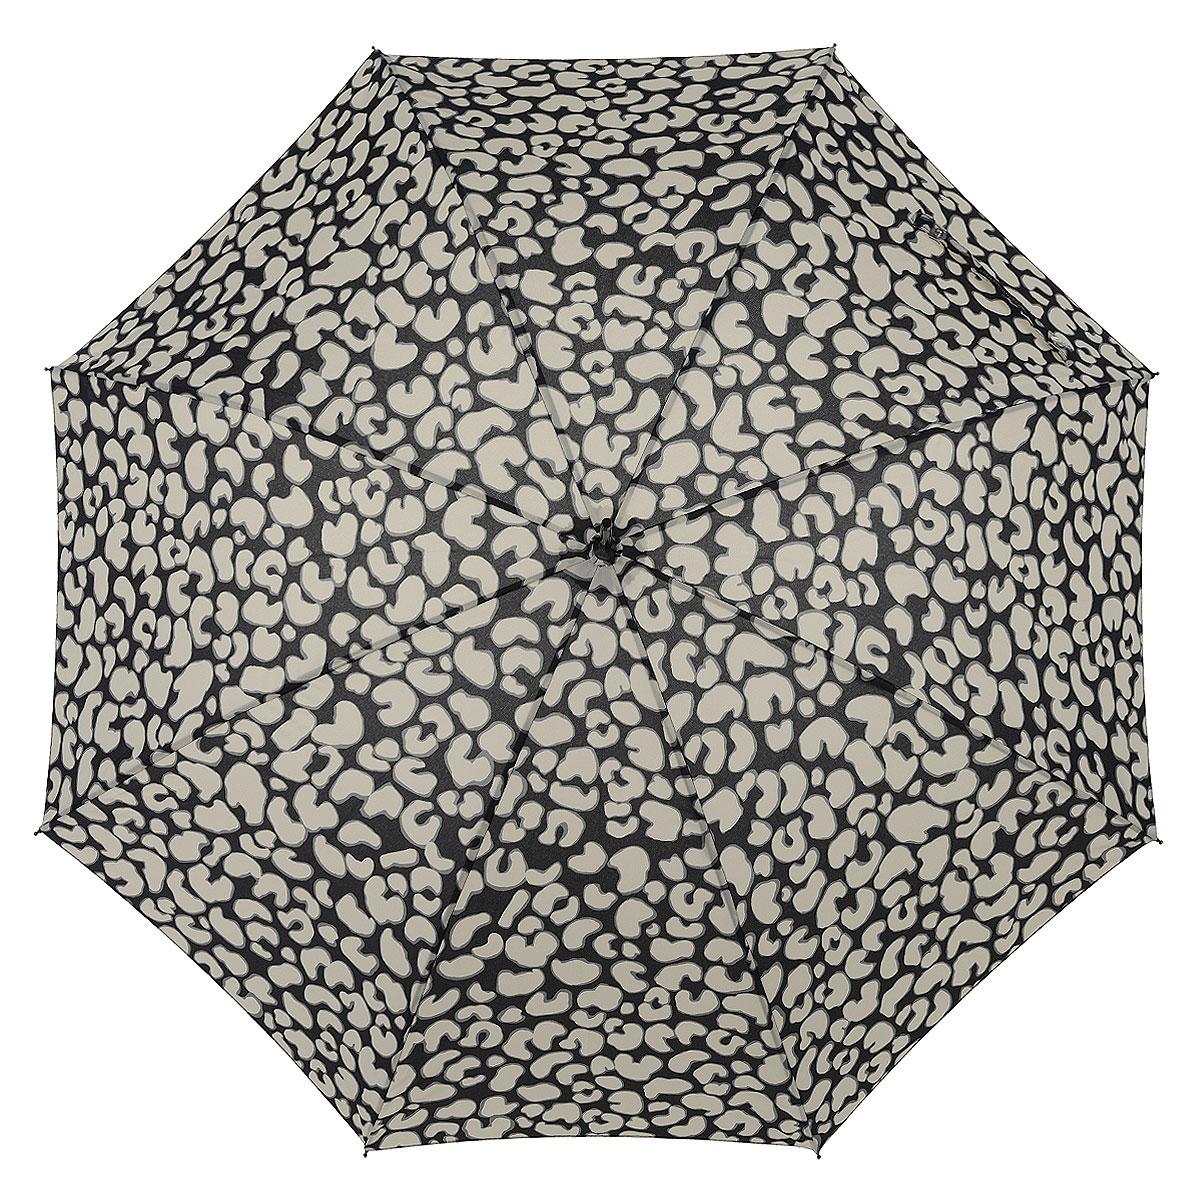 Зонт-трость женский Eliza-2, механический, цвет: черный, бежевый. L 720 3F2680L 720 3F2680Стильный механический зонт-трость Eliza-2 даже в ненастную погоду позволит вам оставаться элегантной. Утонченный каркас зонта выполнен из 8 спиц из фибергласса, стержень изготовлен из алюминия. Купол зонта выполнен из прочного полиэстера и оформлен леопардовым принтом. Рукоятка закругленной формы разработана с учетом требований эргономики и выполнена из пластика. Зонт имеет механический тип сложения: купол открывается и закрывается вручную до характерного щелчка. Такой зонт не только надежно защитит вас от дождя, но и станет стильным аксессуаром. Характеристики: Материал: полиэстер, фибергласс, алюминий, пластик. Цвет: черный, бежевый. Длина стержня зонта: 76 см. Вес: 270 г. Артикул: L 720 3F2680.